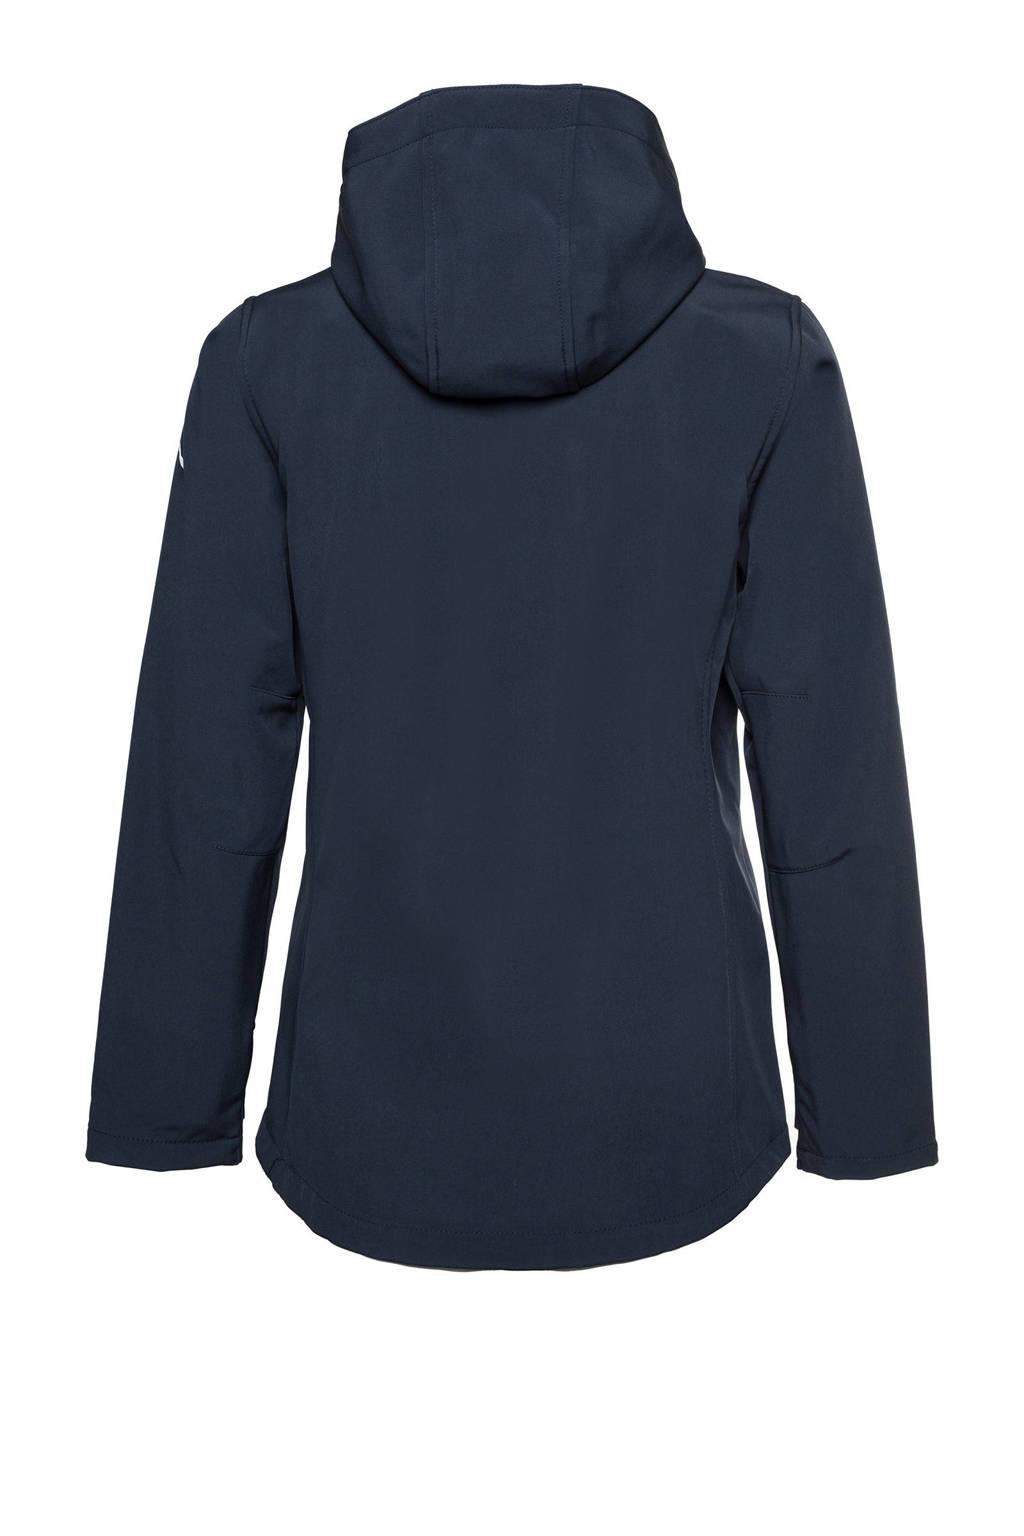 Scapino Mountain Peak softshell jas donkerblauw, Donkerblauw